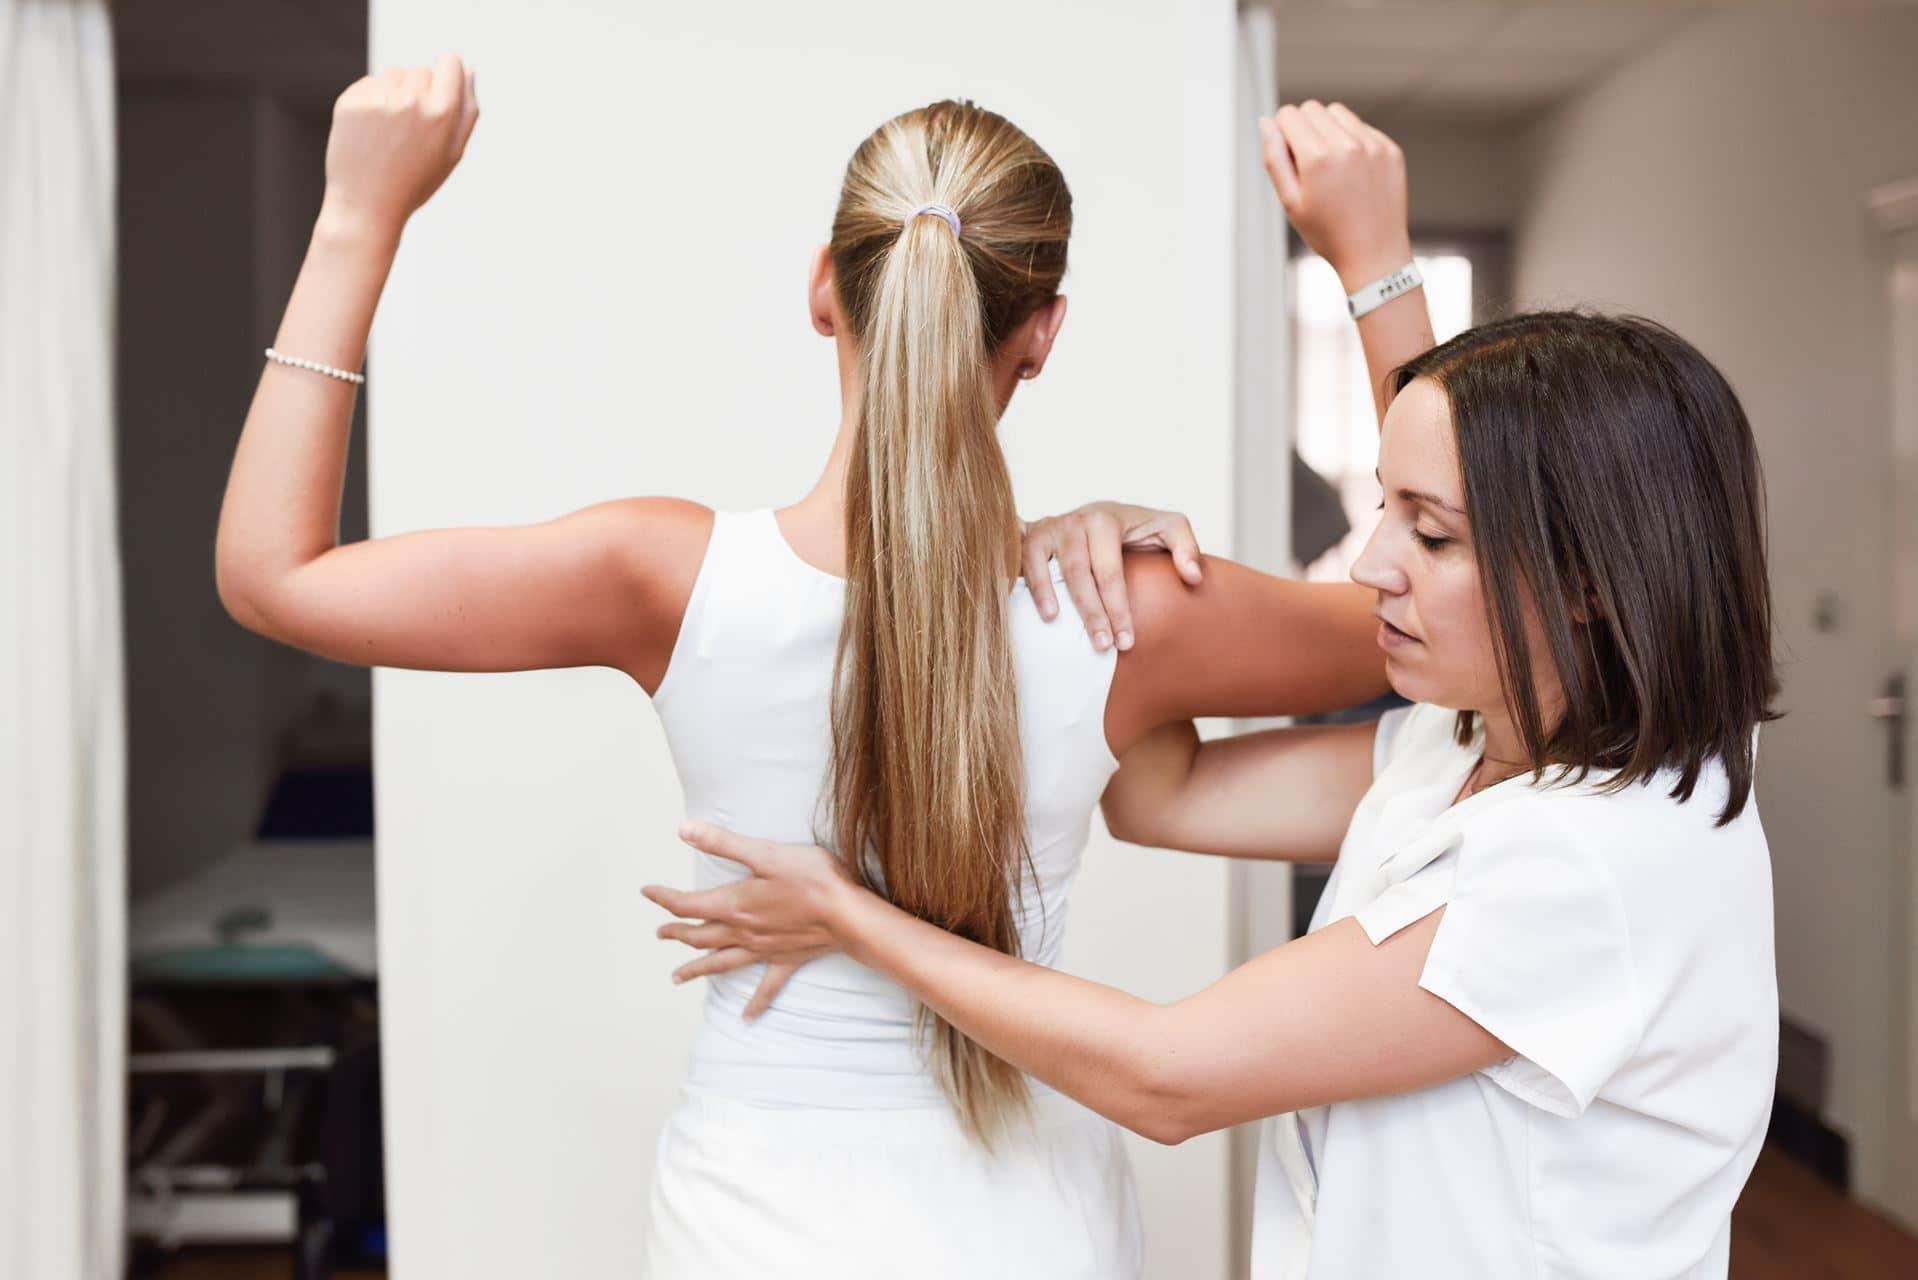 פיזיותרפיה לגב, Restart Therapy שיקום פרטי בבית הלקוח